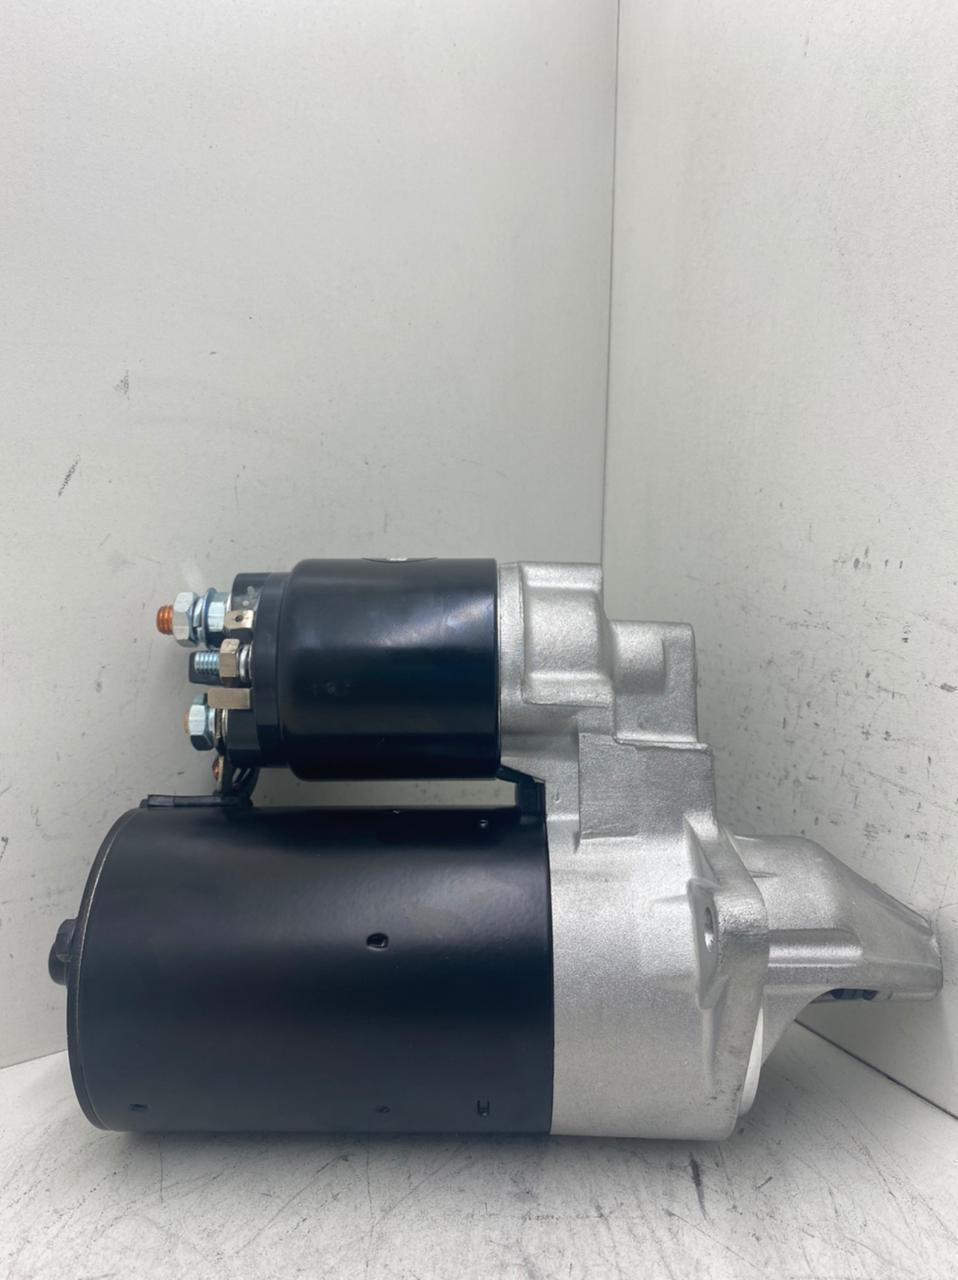 Motor de arranque BOSCH GM CELTA 1.0 1.4 OHC CORSA VHC 12V 9 DENTES 20521 F000AL0304 AEC11026